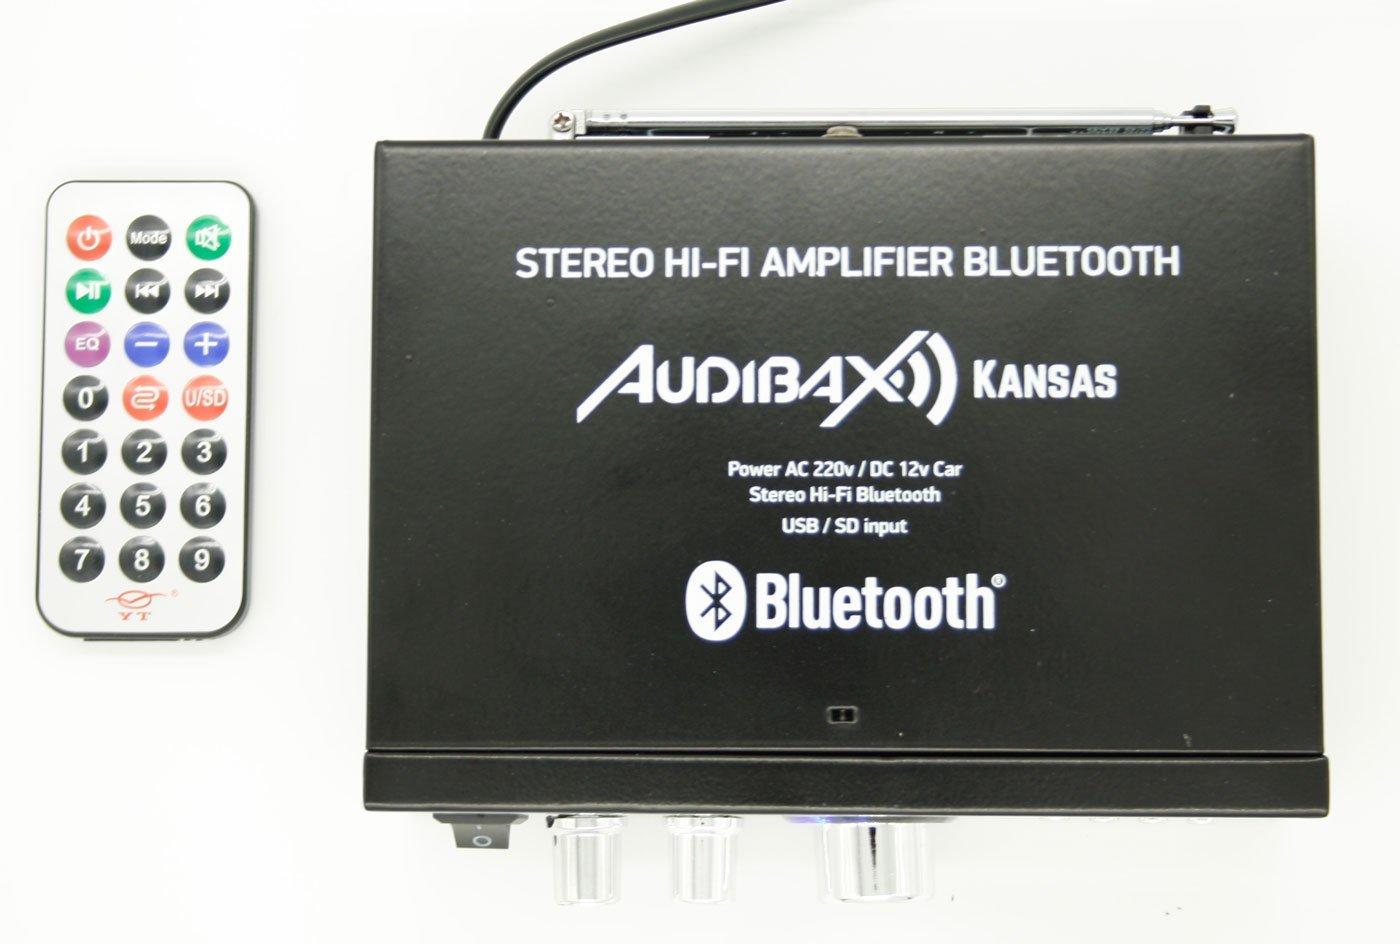 Audibax KANSAS Amplificador HiFi con Bluetooth / MP3 / FM 2 x 40W (Reacondicionado Certificado) LOG10115079